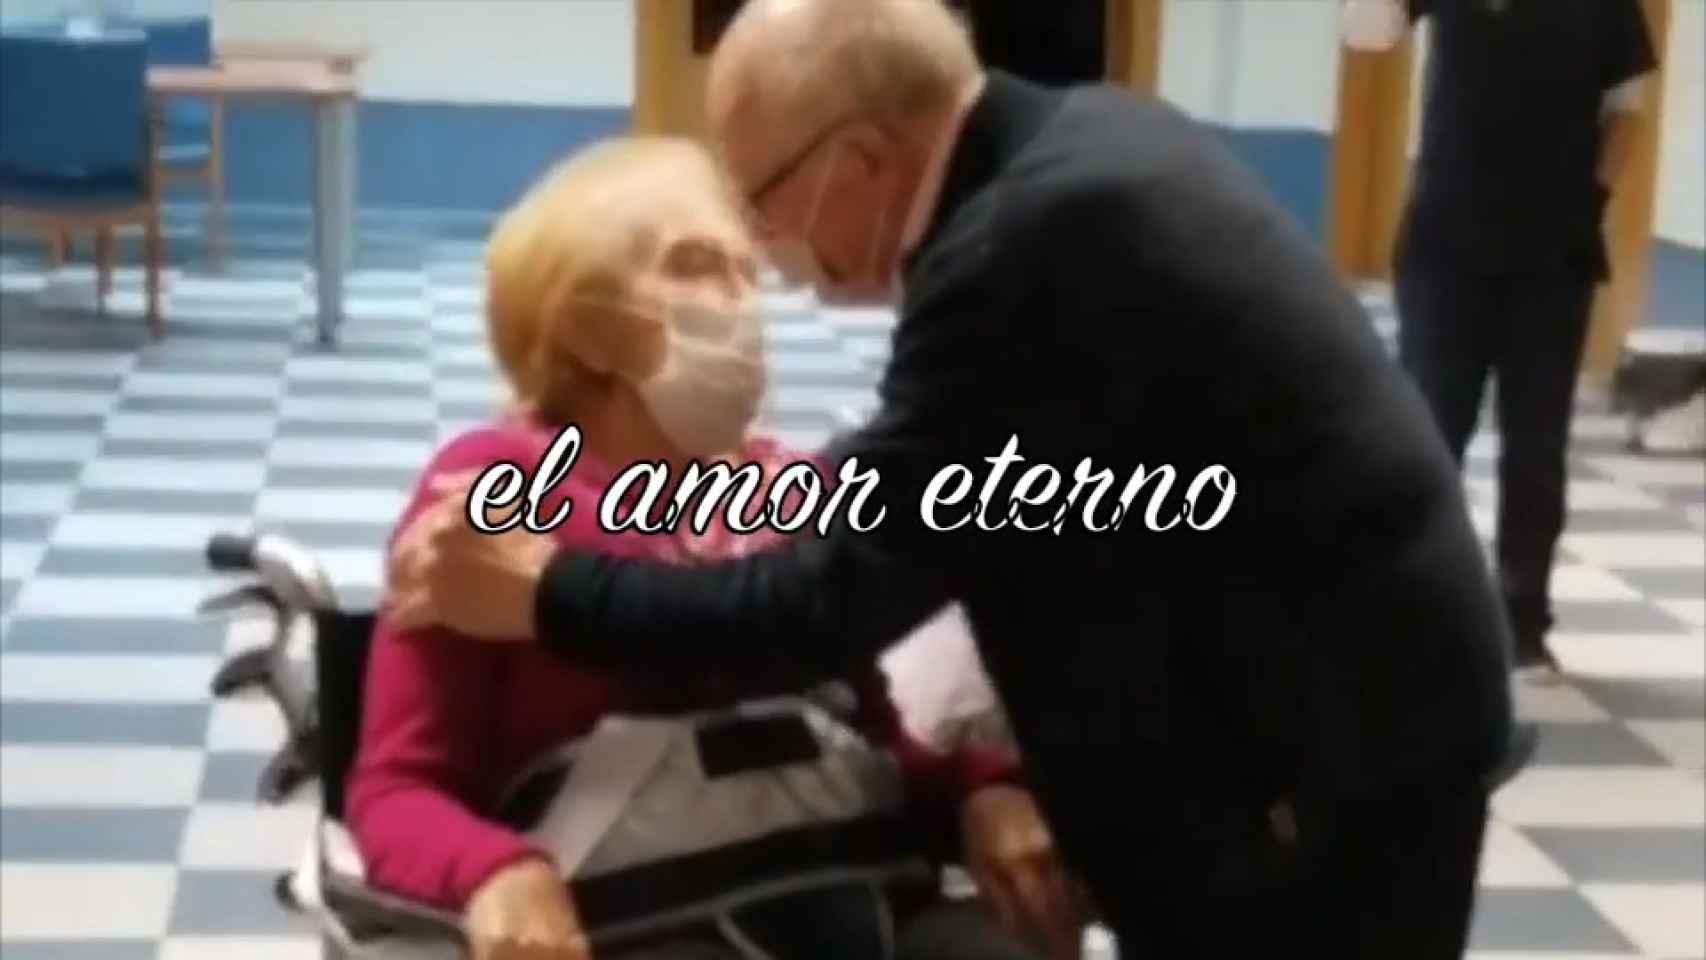 La sorpresa de Manuel a su mujer Dolores en la residencia.